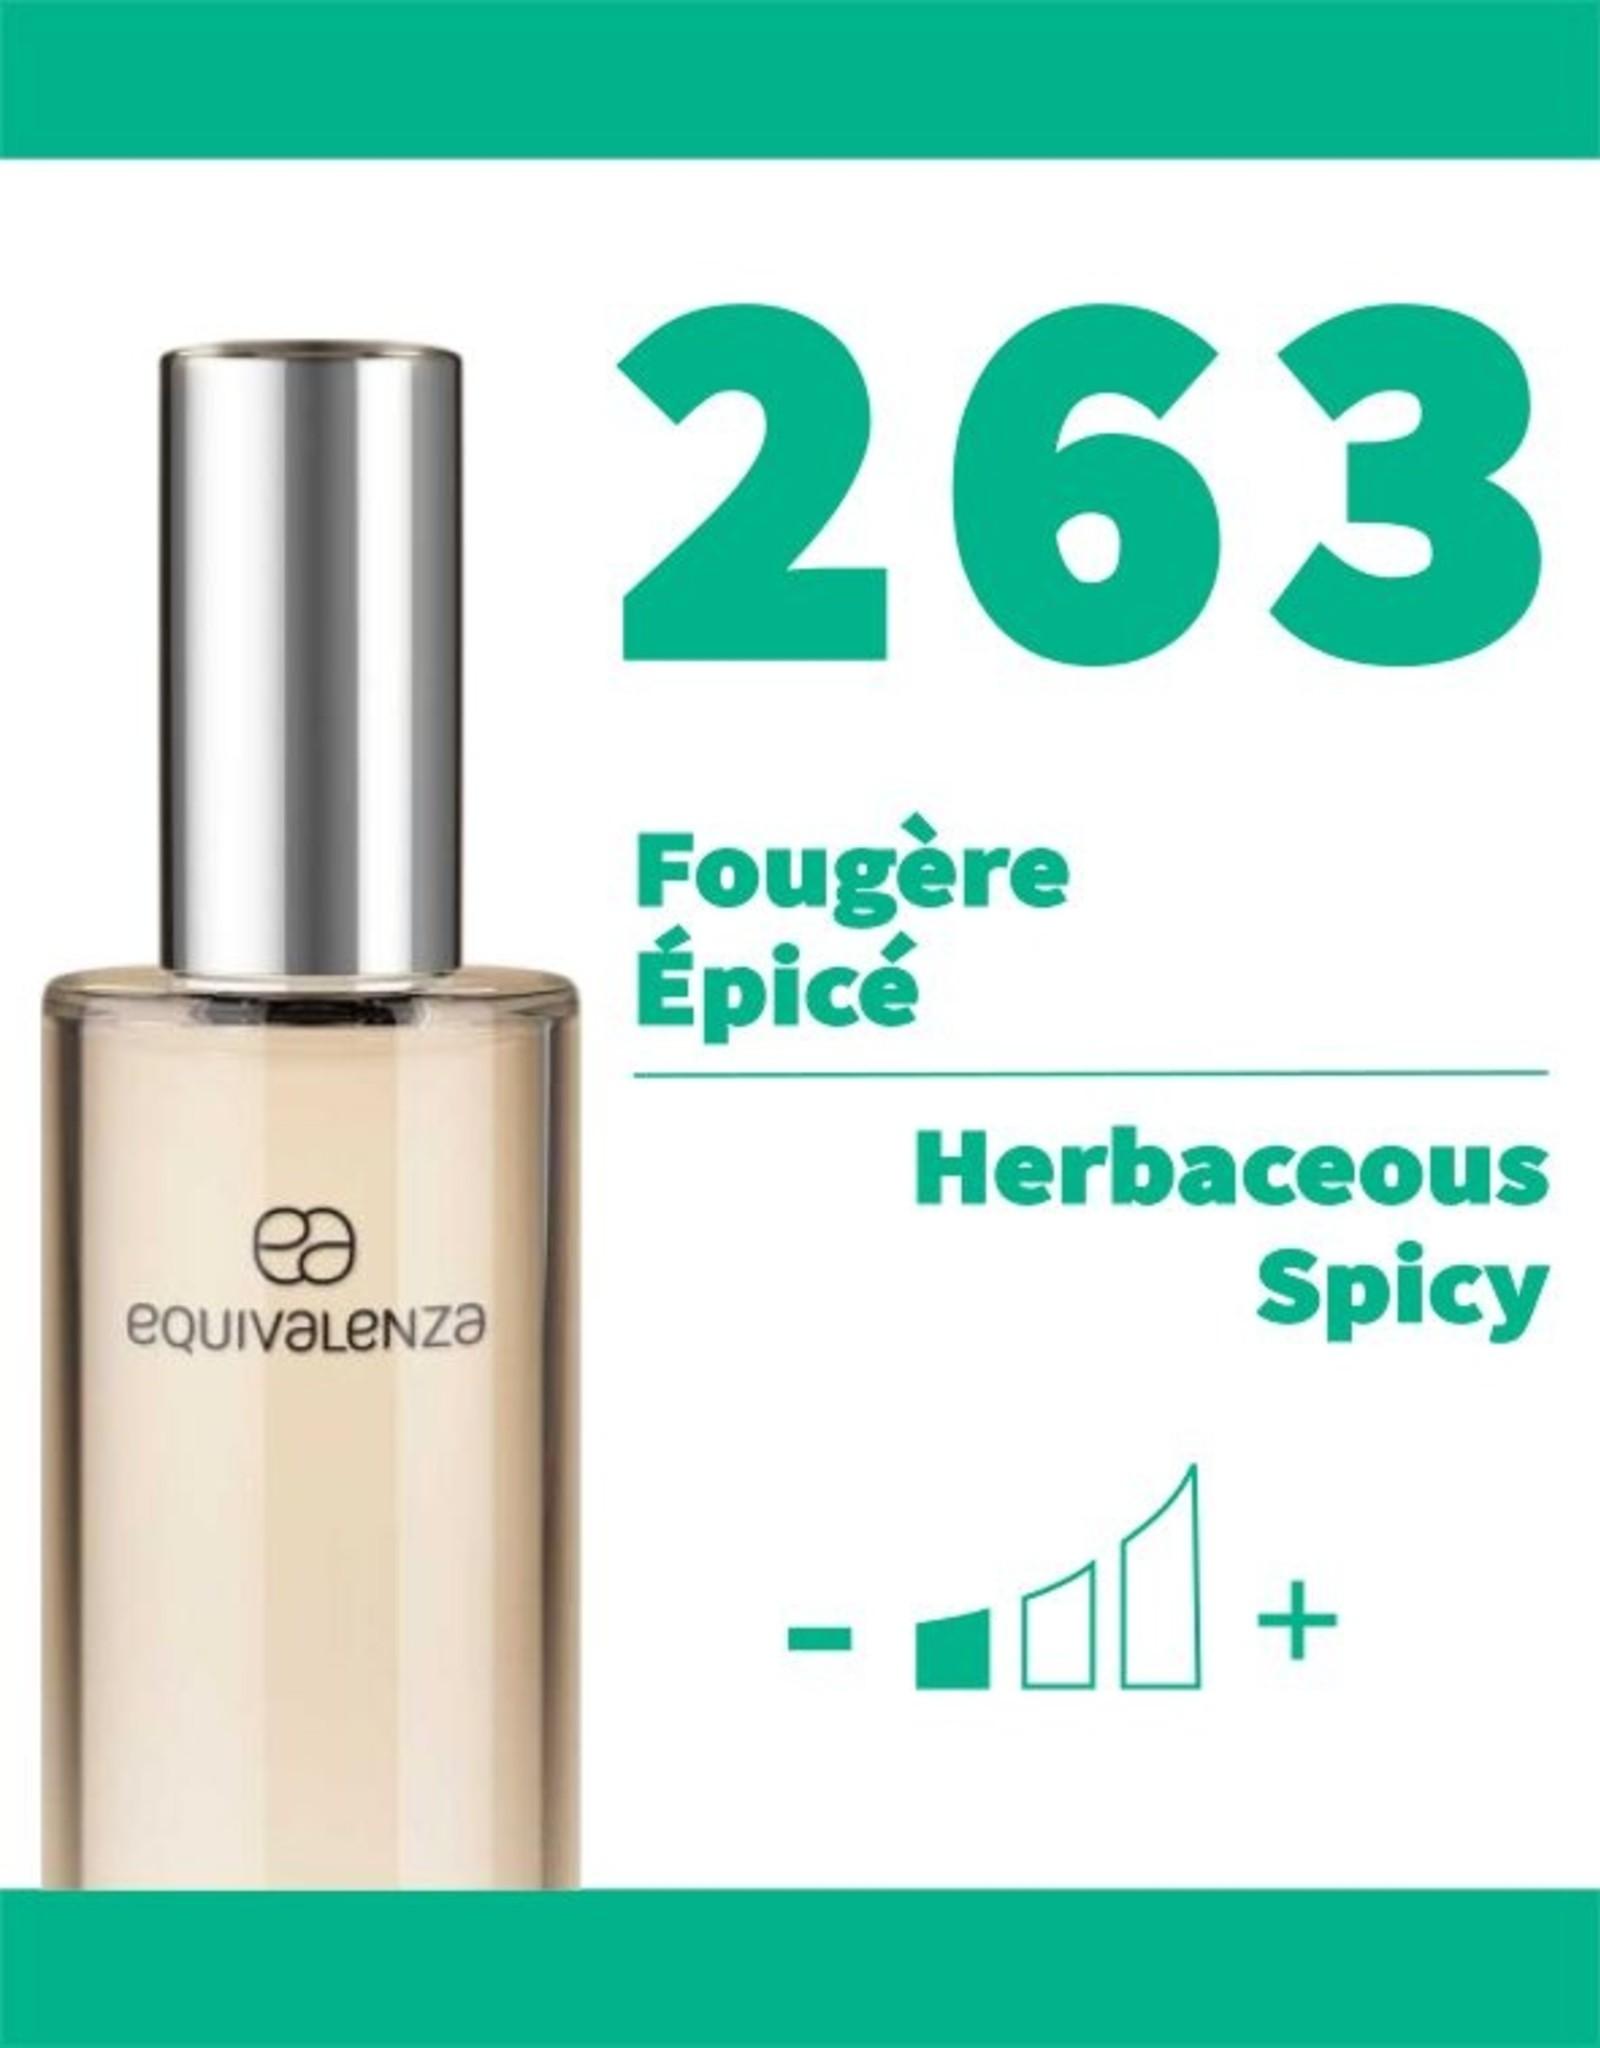 Equivalenza Fougère  Épicé 263